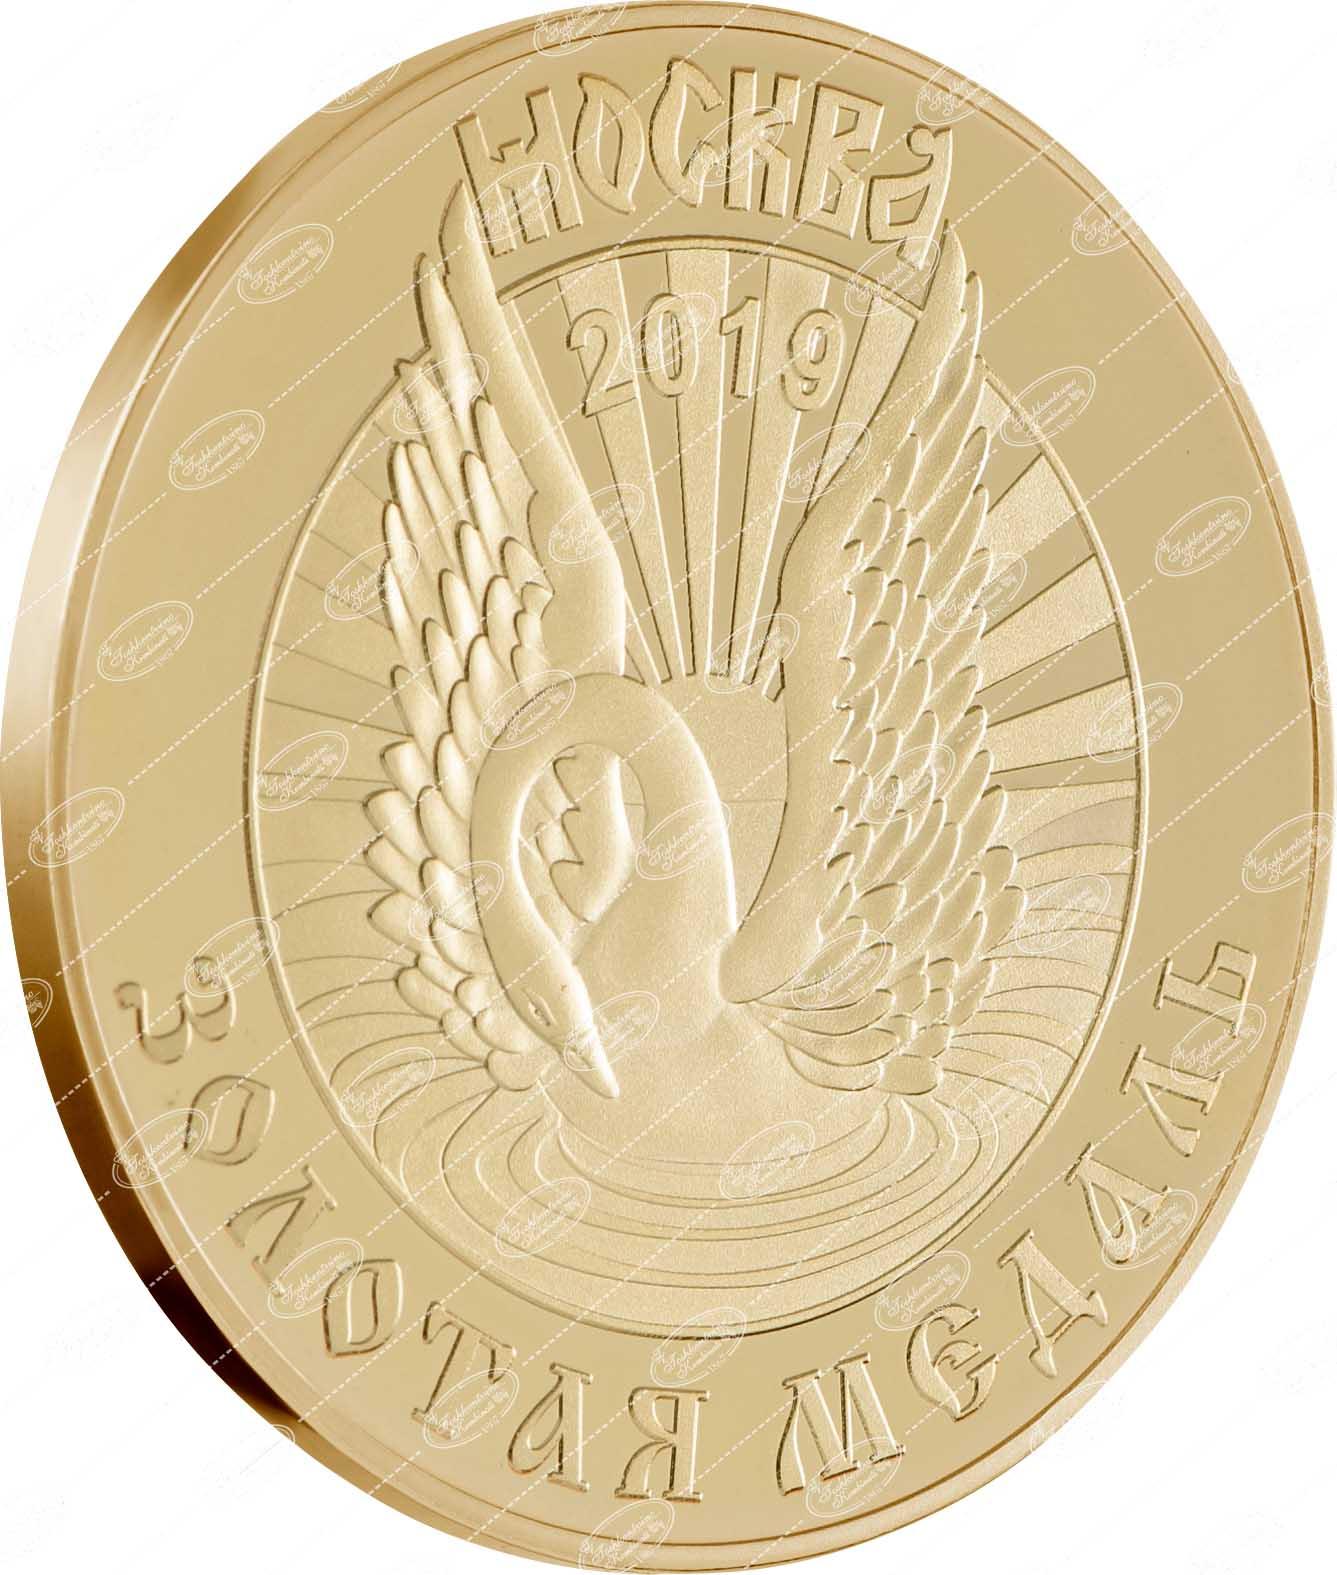 Золотая медаль - Дегустационный конкурс 2019 задняя сторона